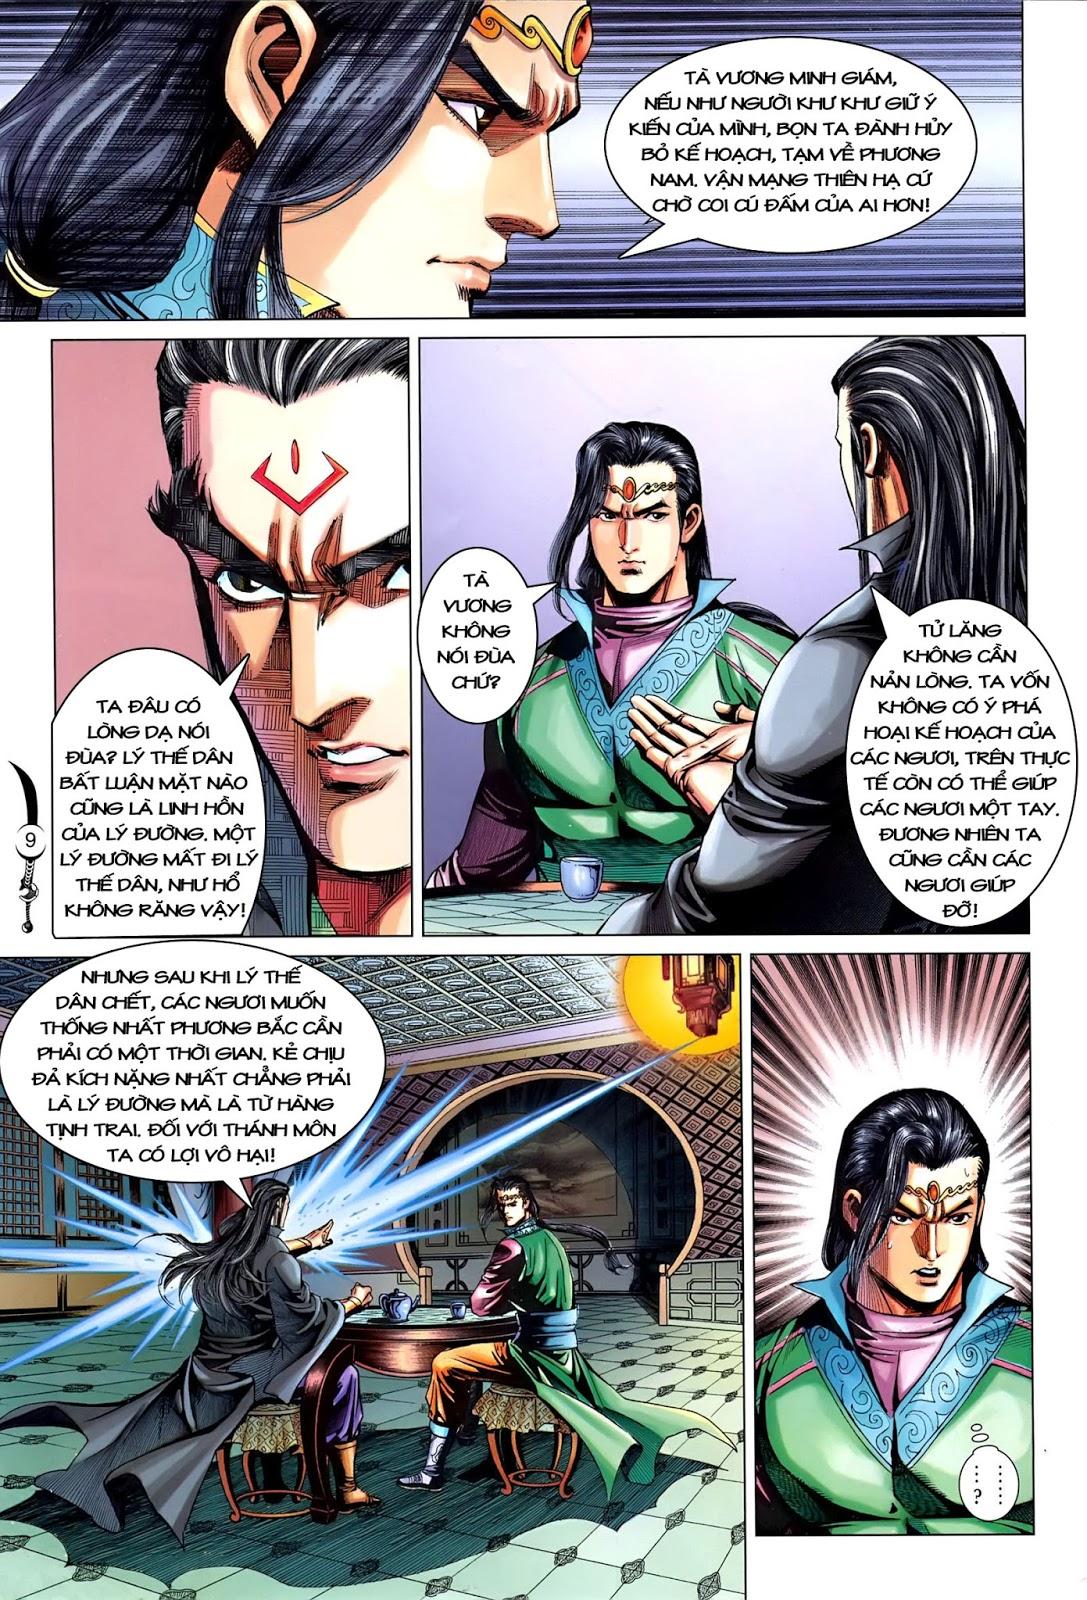 Đại Đường Song Long Truyện chap 216 - Trang 11